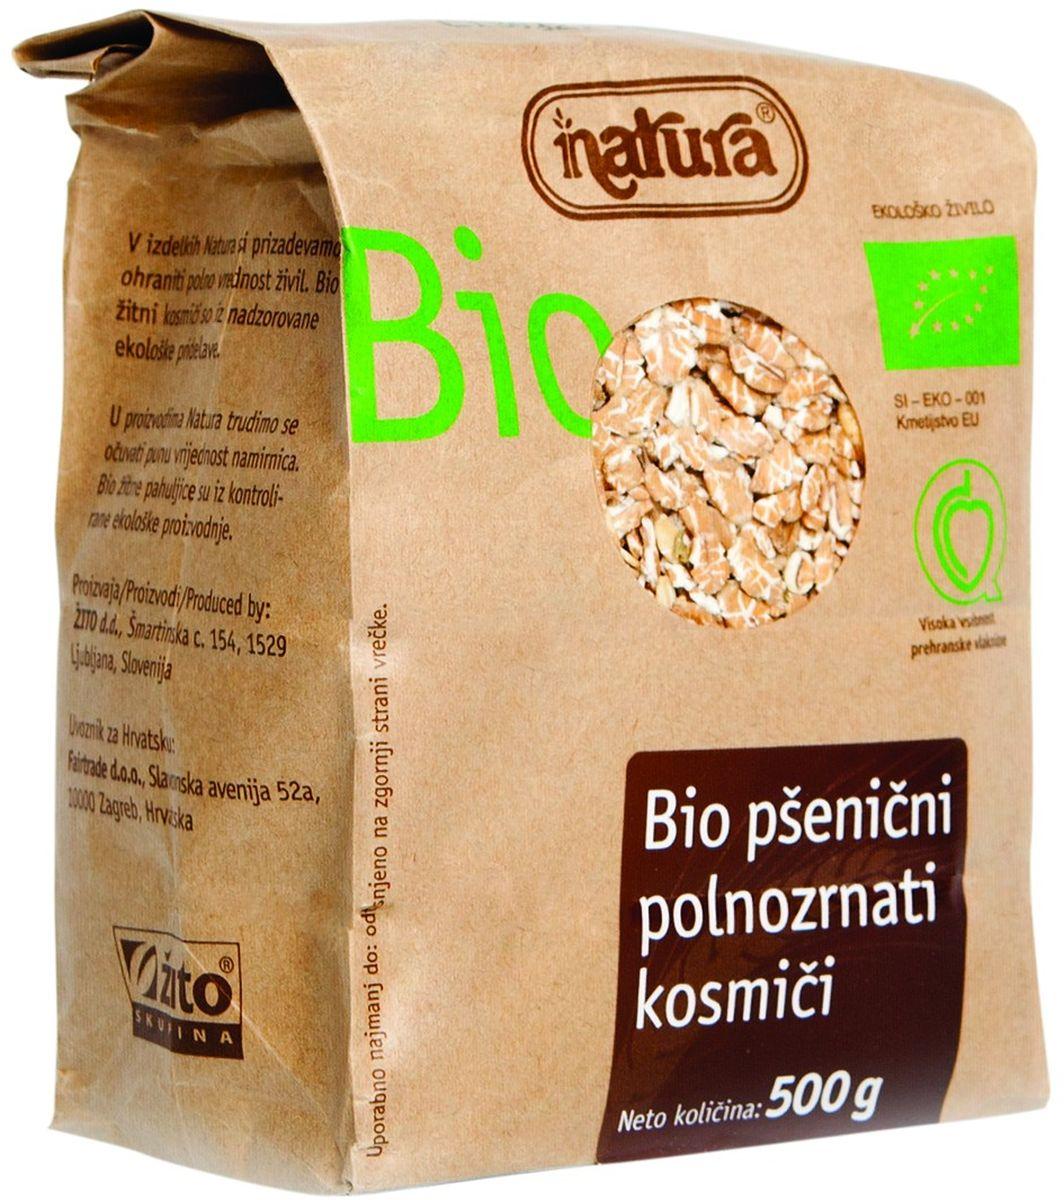 Цельные зерна пшеницы обладают всеми питательными свойствами зерен пшеницы. Биологически произведенные хлопья из цельных зерен пшеницы являются источником необходимой клетчатки, всех минералов и витаминов. Органические продукты Natura имеют маркировку в соответствии с законодательством и европейскую экологическую маркировку сертифицированных органических продуктов питания, так как при их производстве не используются удобрения и распылители, запрещенные в органическом производстве и обработке. Органические продукты произведены под контролем SI – EKO – 001. Органические продукты Natura производятся в регионах, где природа пока еще живет своей жизнью. Они попадают на полки магазинов и на столы людей, выбирающих здоровое питание, в той же форме, в которой их создала природа: натуральными, питательными и здоровыми. Разнообразные натуральные зерна и семена обладают всеми свойствами злаков, полностью сохраняя, таким образом, свои полезные качества.